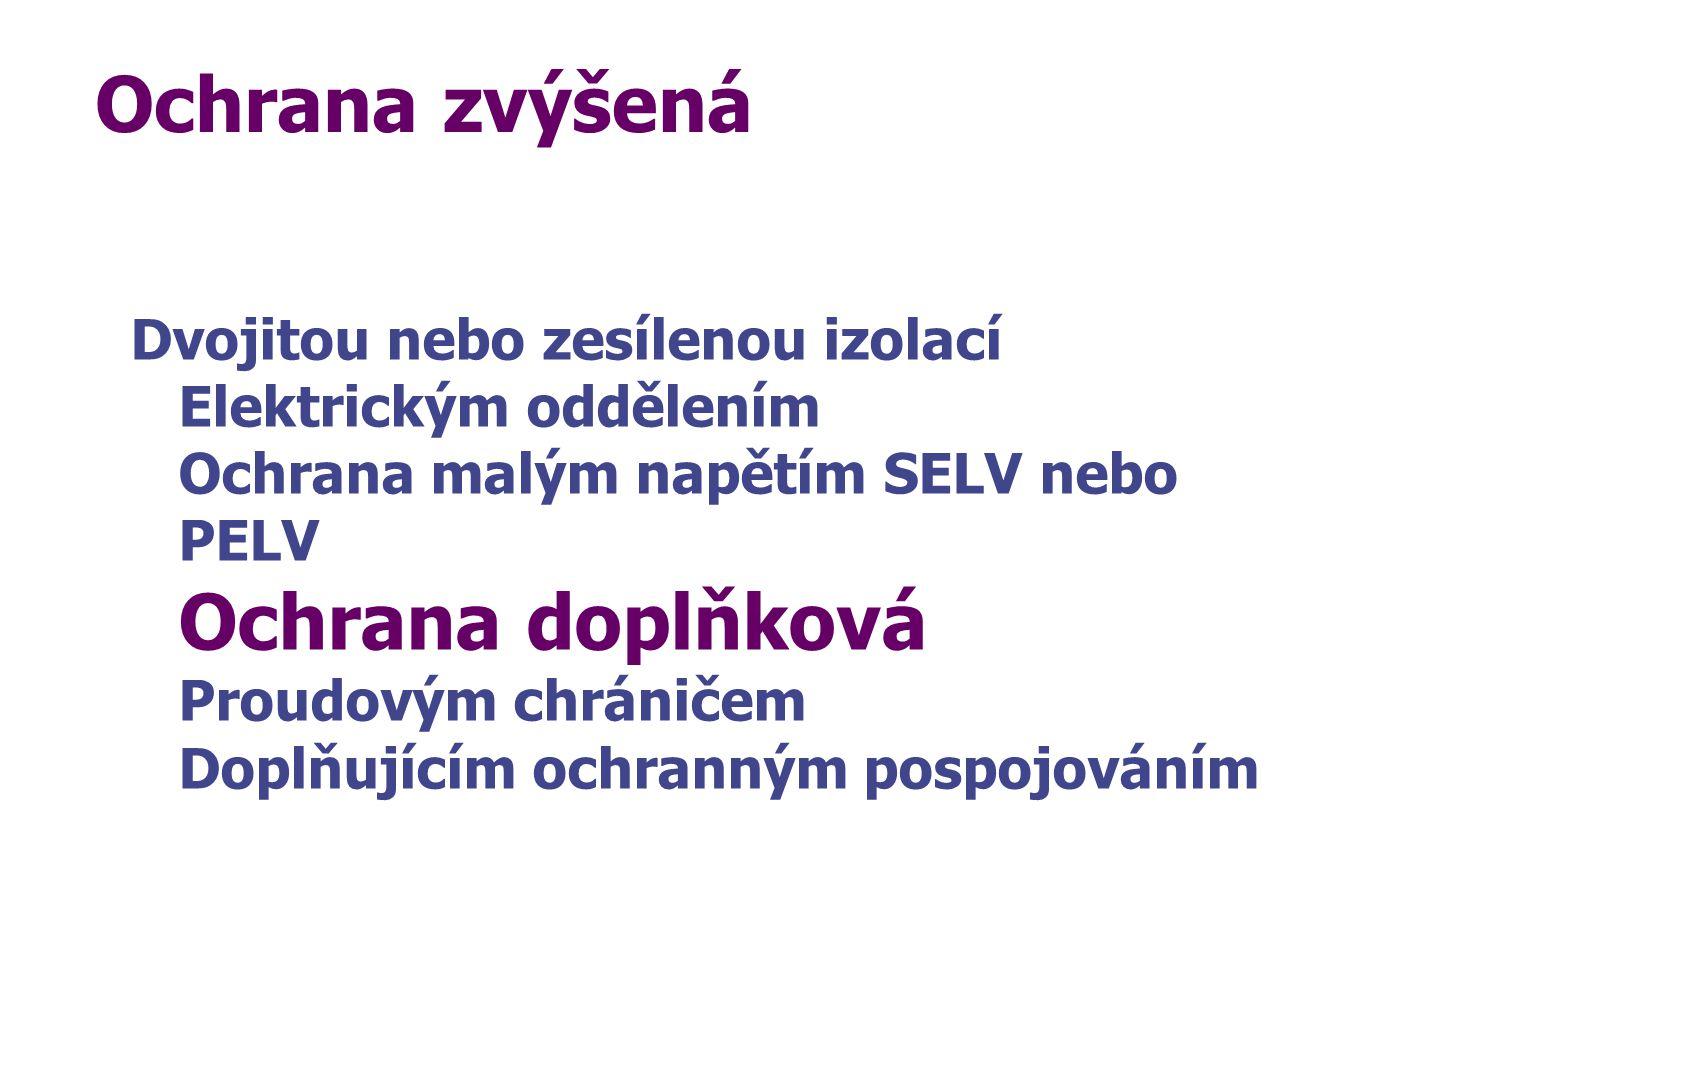 Ochrana zvýšená Dvojitou nebo zesílenou izolací Elektrickým oddělením Ochrana malým napětím SELV nebo PELV Ochrana doplňková Proudovým chráničem Doplň